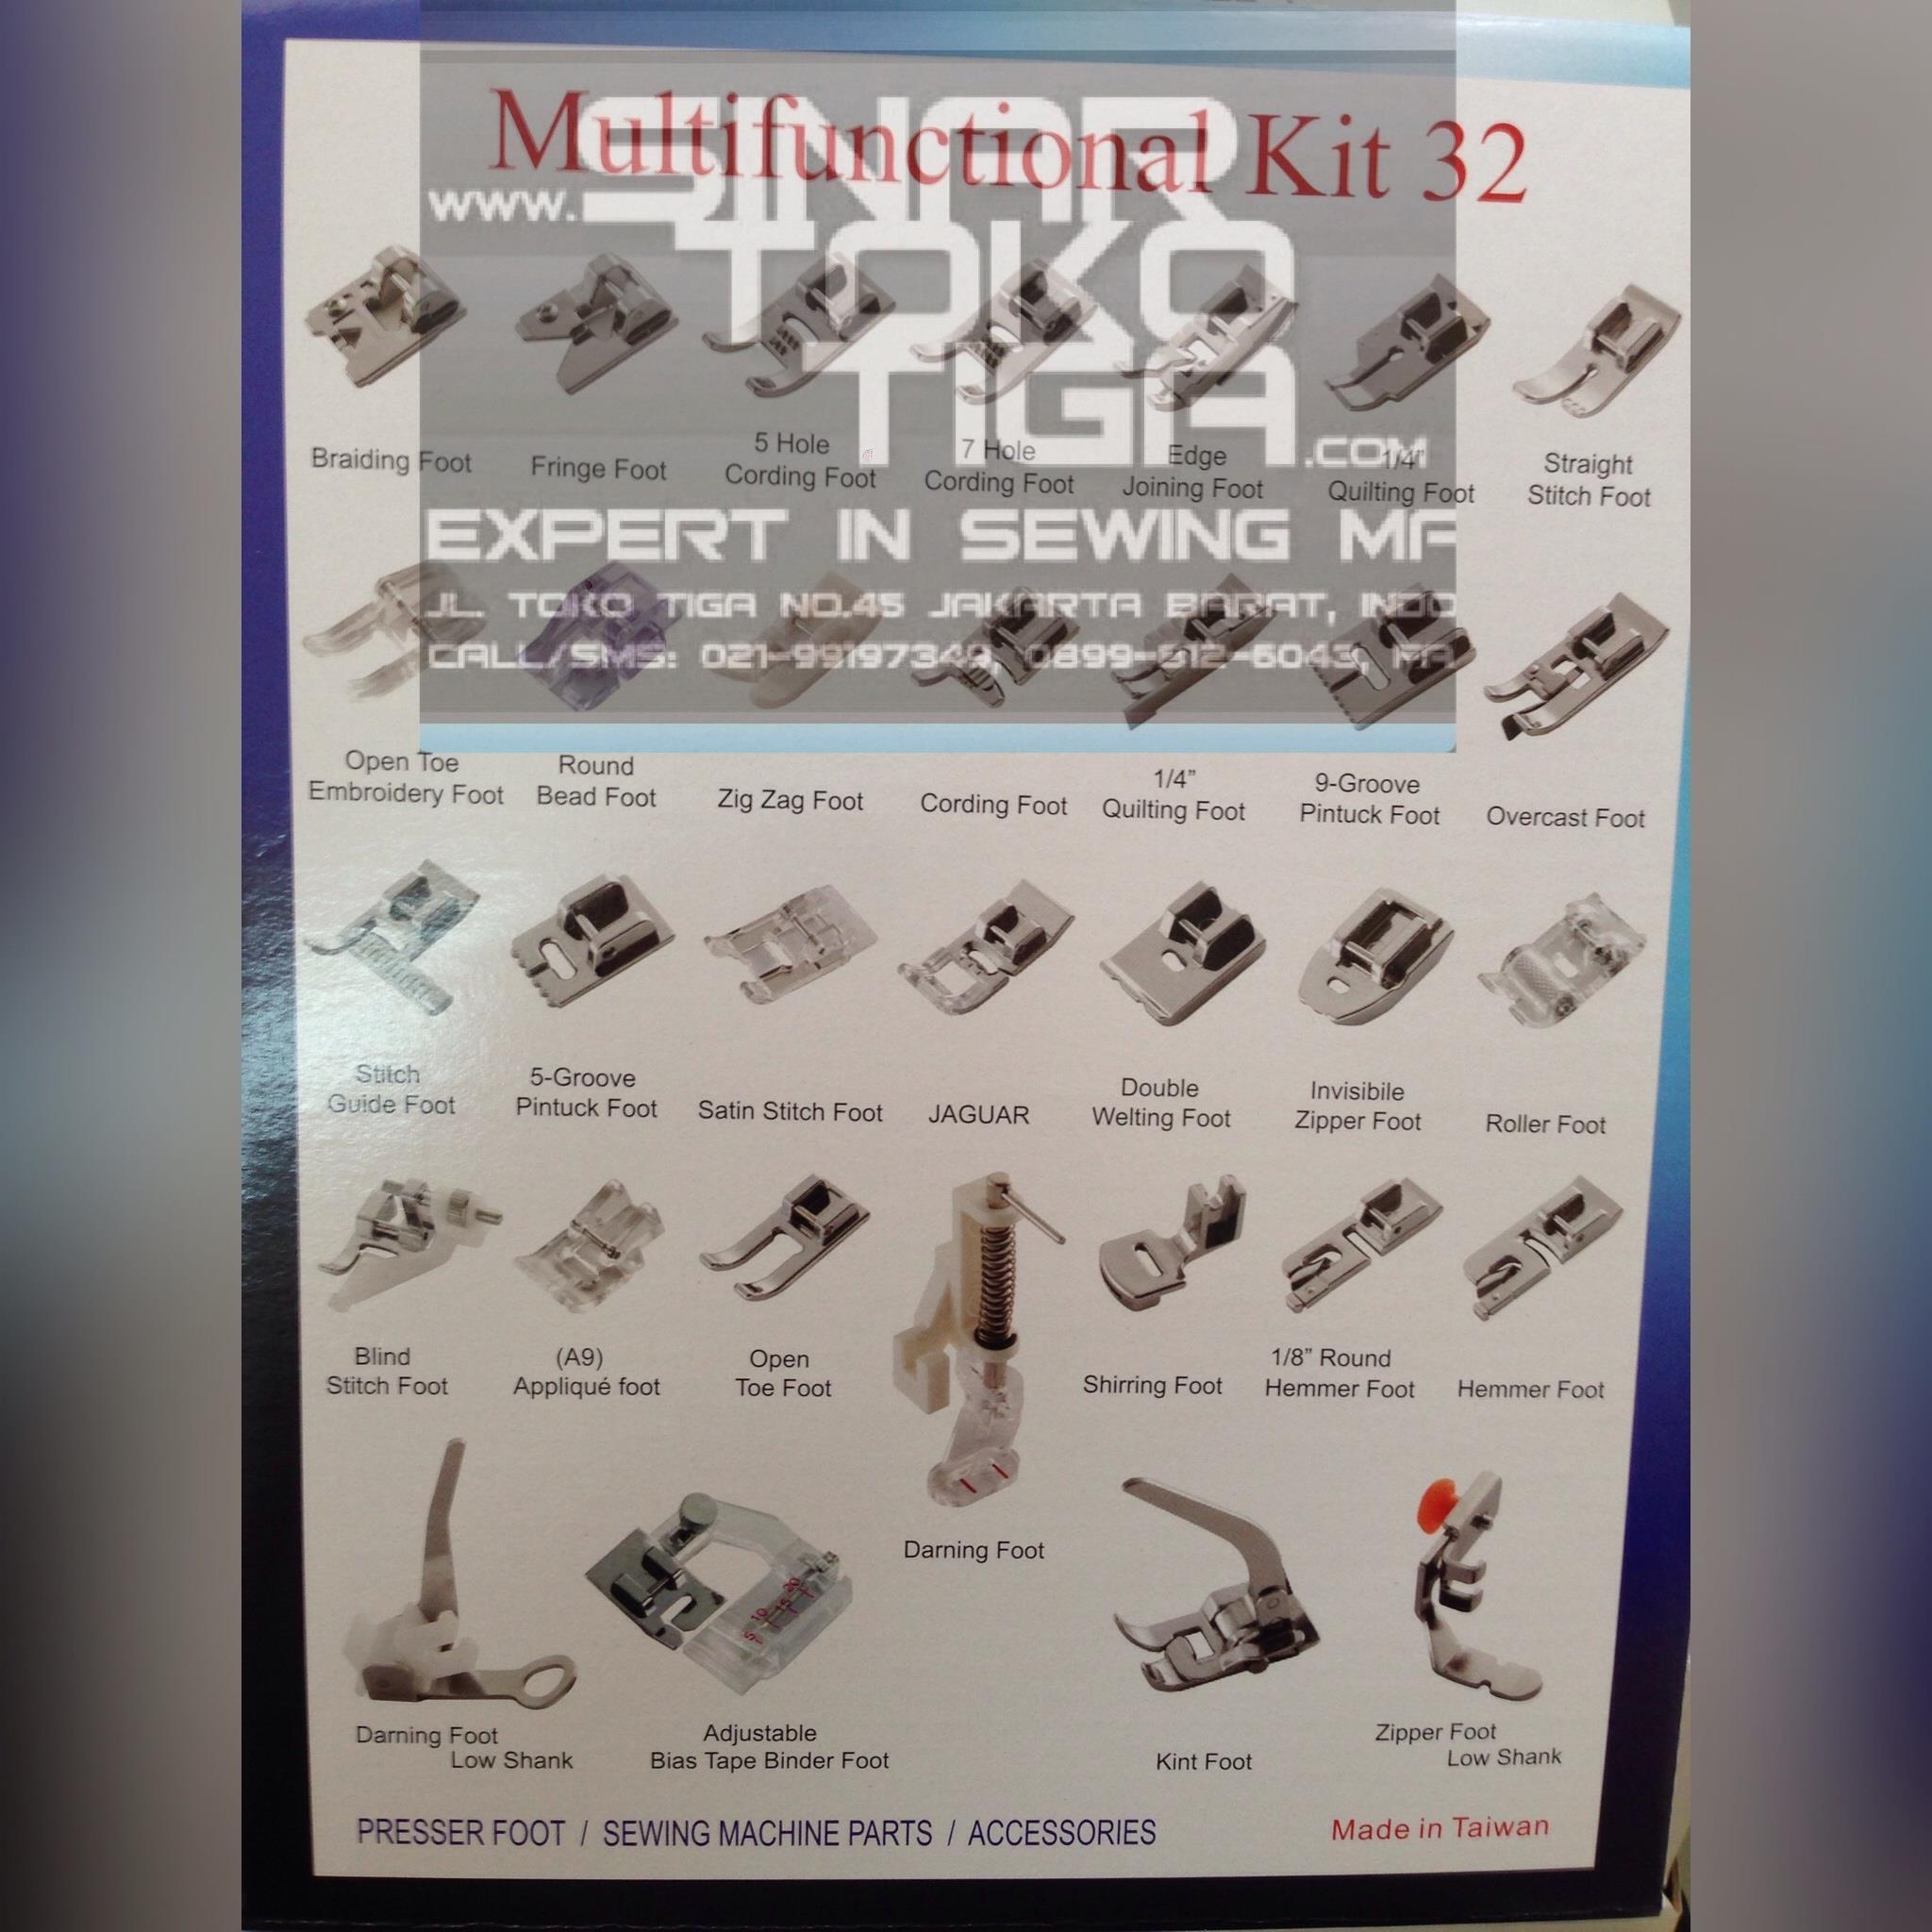 Jual Sepatu Mesin Jahit Portable Multifungsi Presser Foot Sinar Toko Butterfly Jh 8190s Tiga Harga Murah Jakarta Oleh